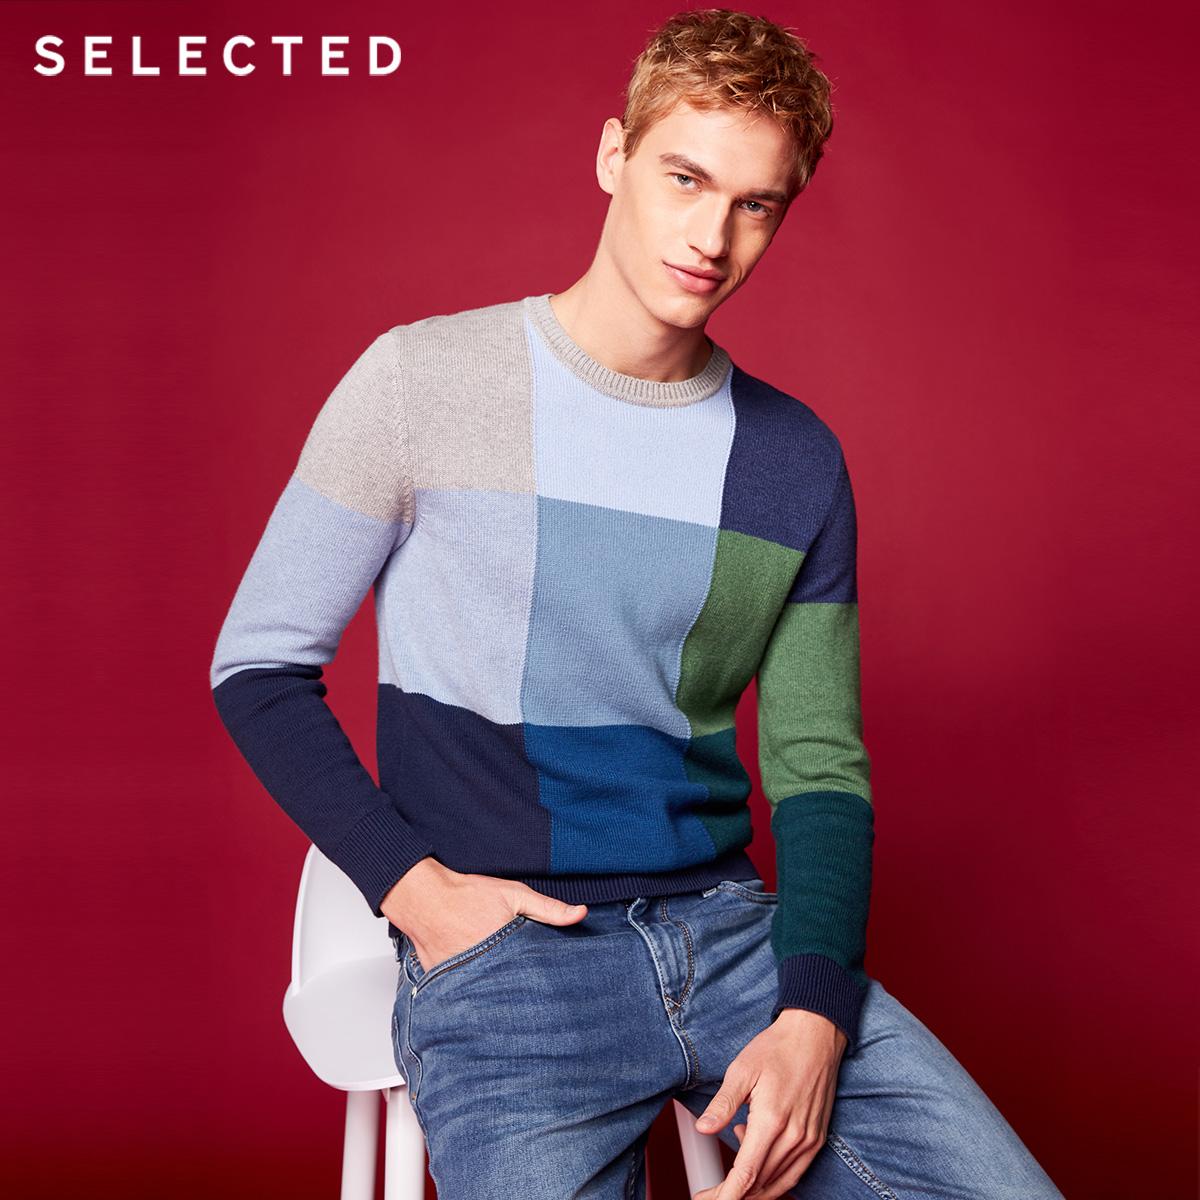 Собирать SELECTED мысль сорняки мораль новый тенденция круглый вырез смешанные цвета мода мужчина свитер свитер S|418124522